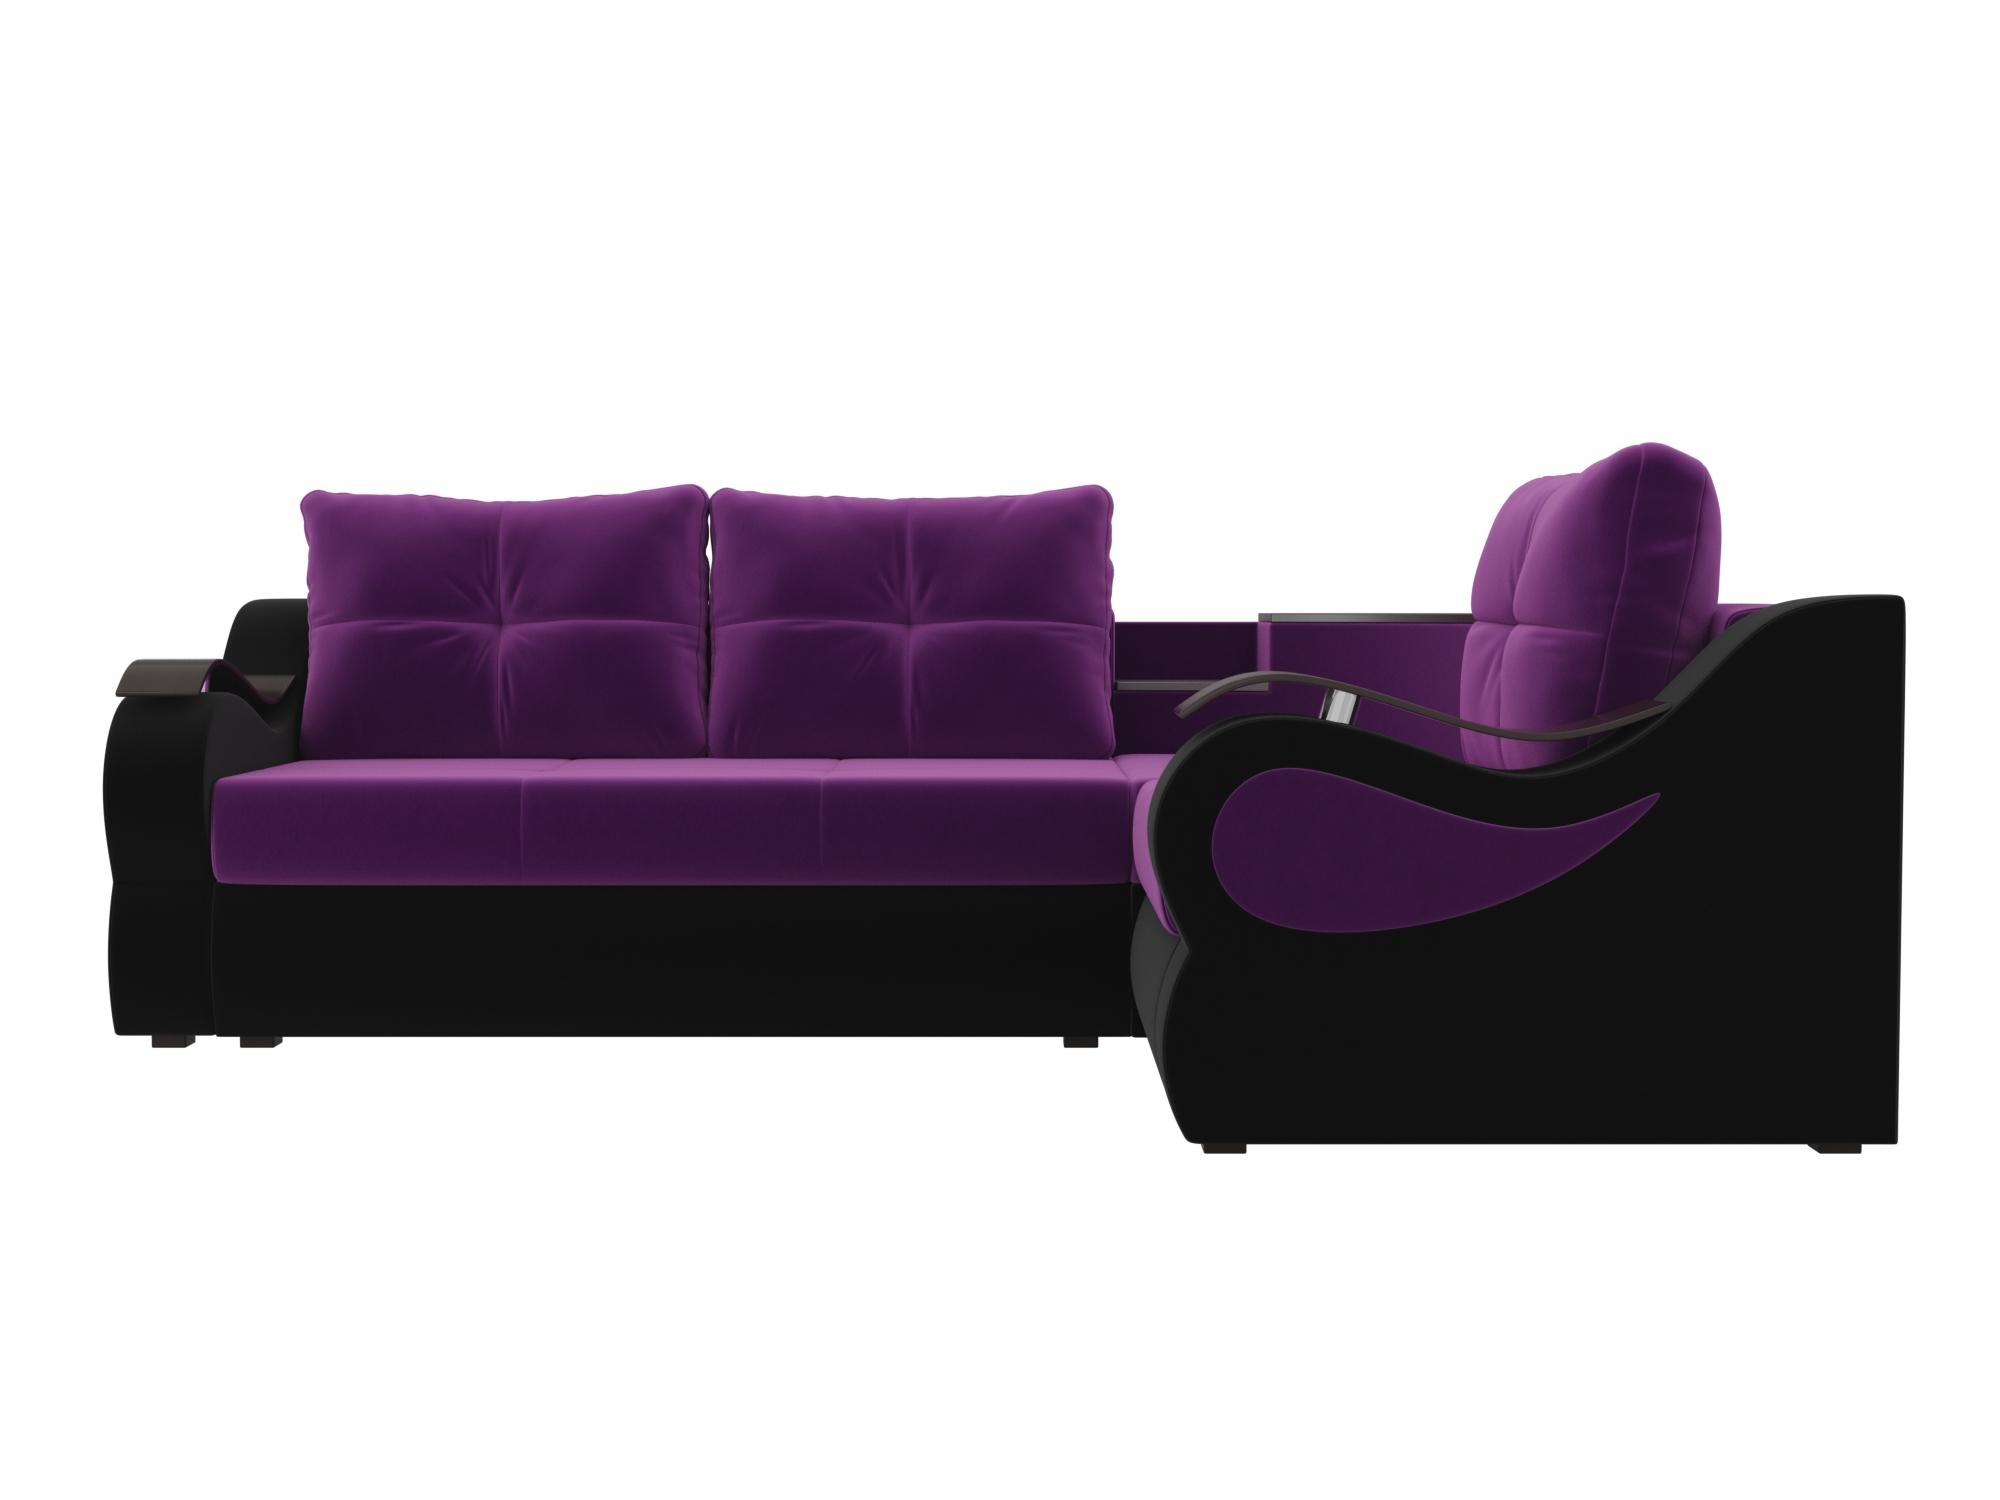 Угловой диван Митчелл Правый MebelVia Фиолетовый, Черный Фиолетовый, Черный